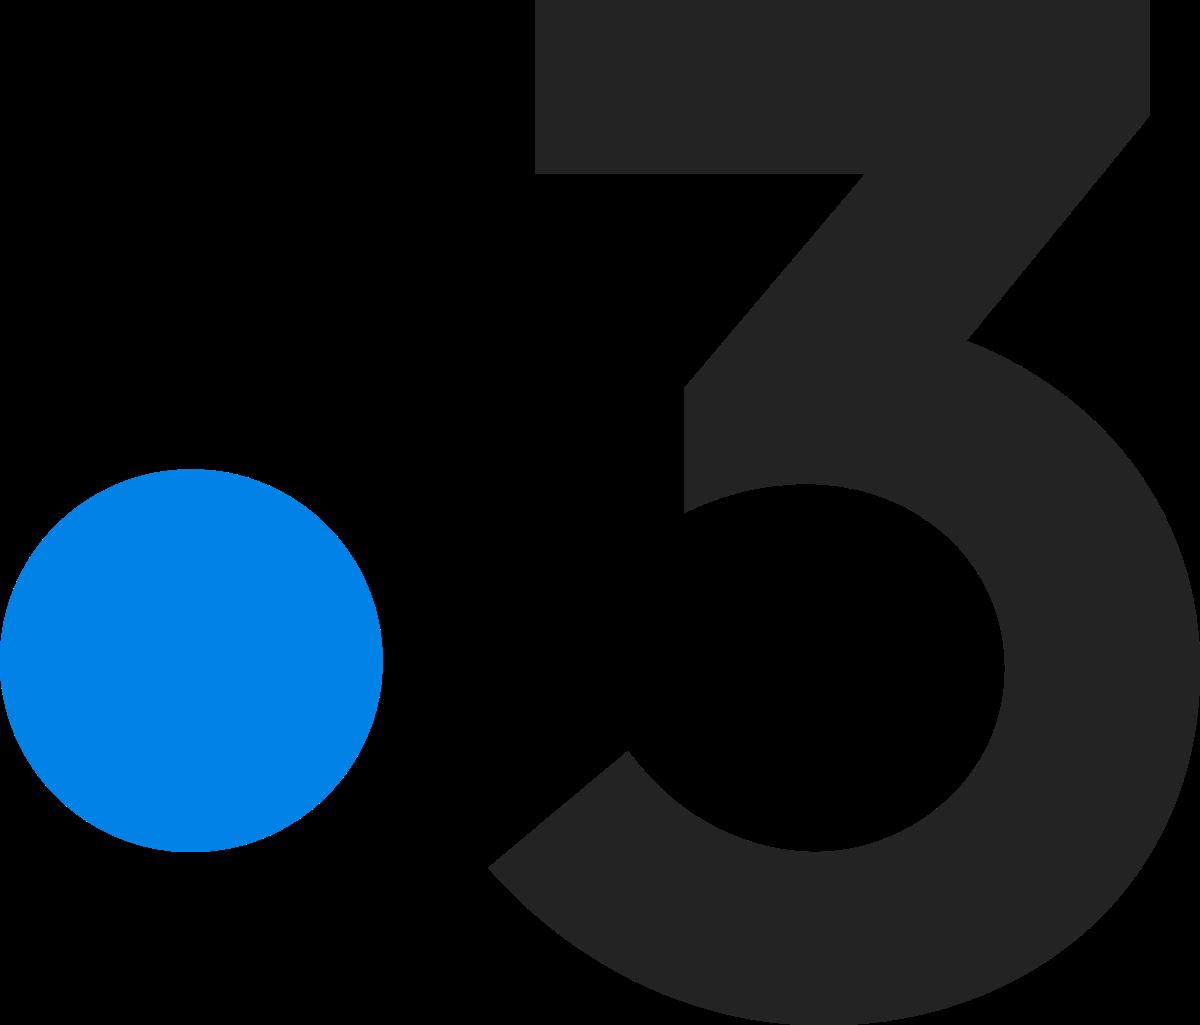 France 3 logo png 2 » PNG Image.